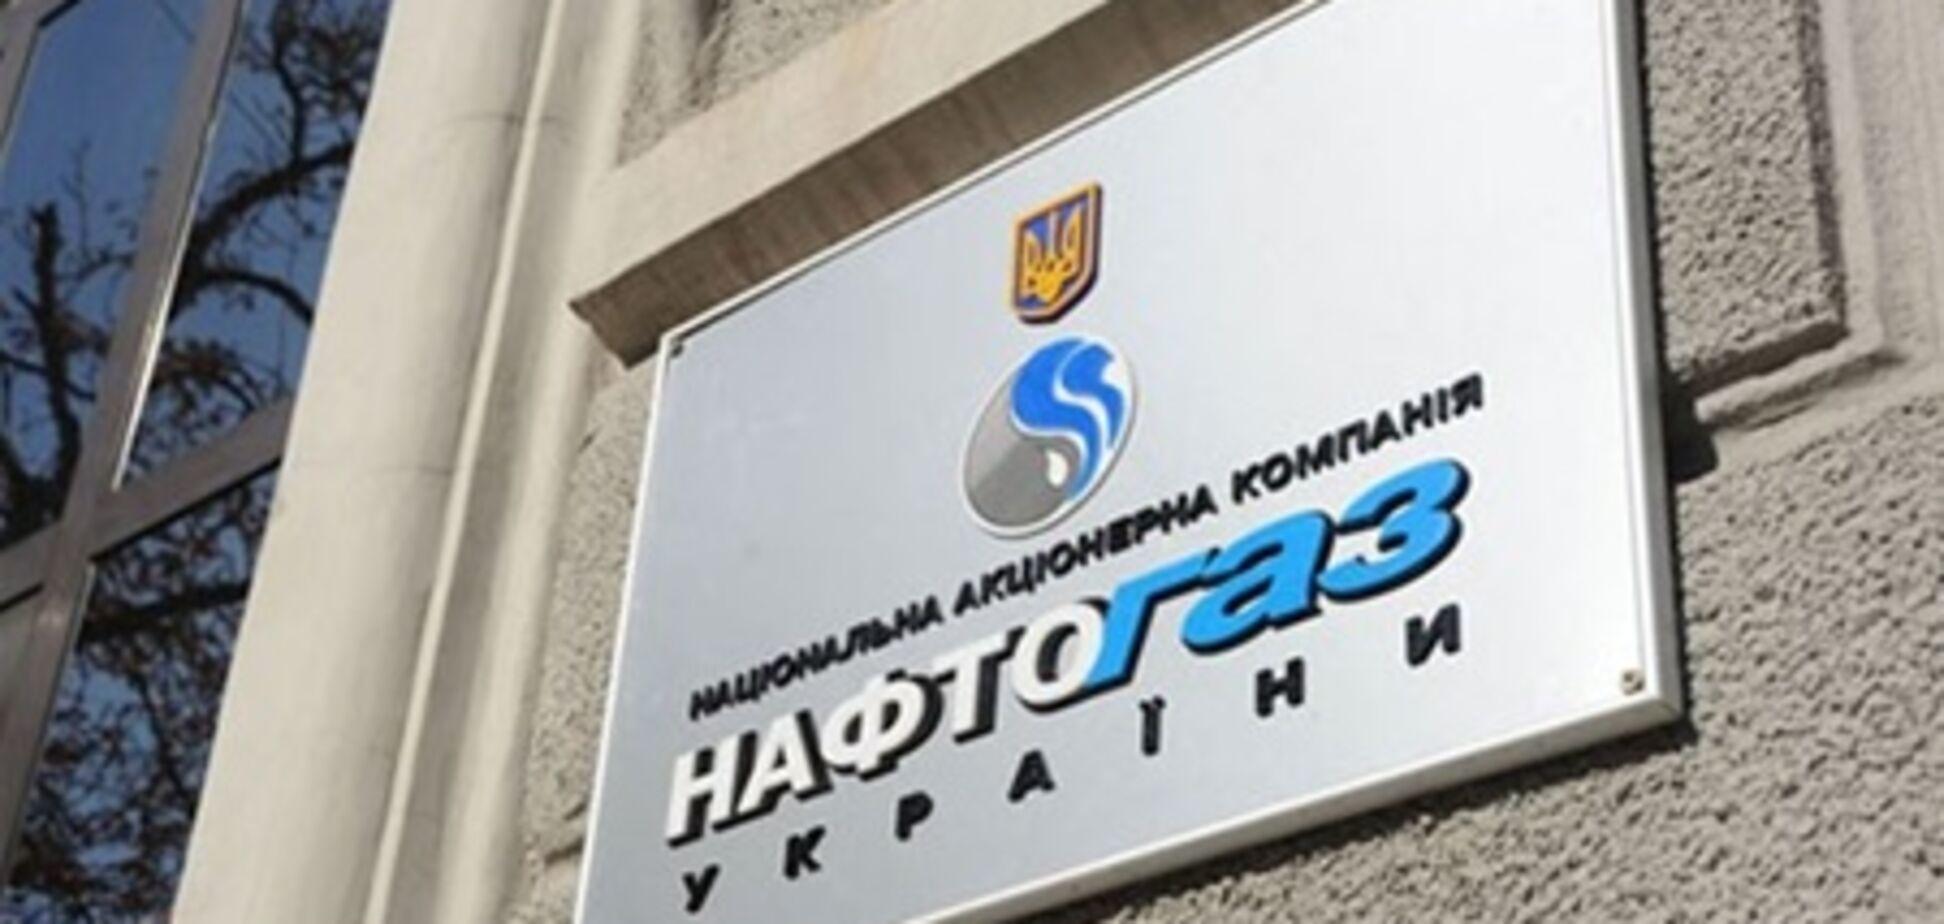 S&P ожидало санкции к 'Нафтогазу' в 6 раз меньше, чем затребовал 'Газпром'